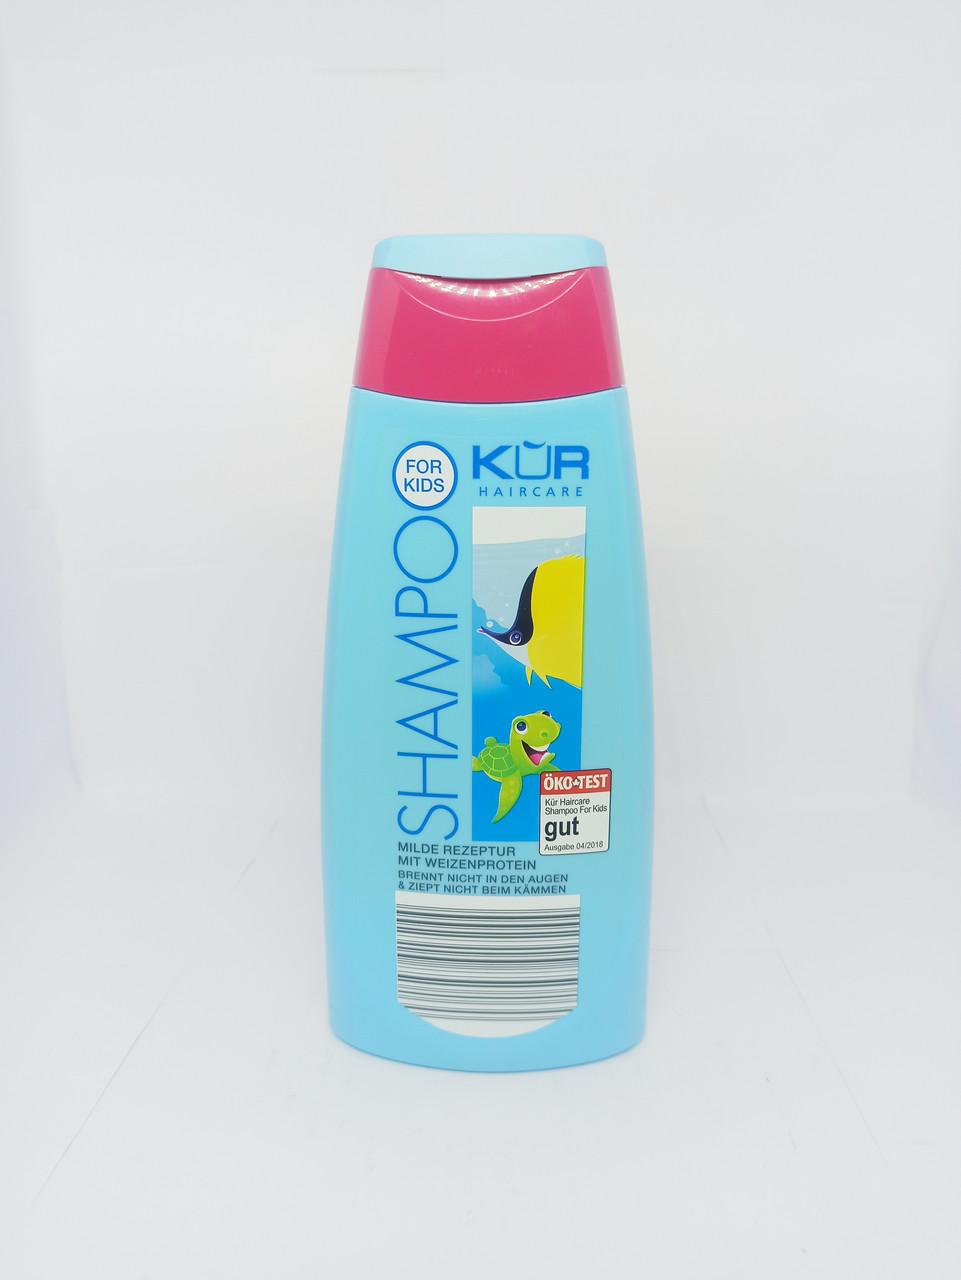 Дитячий шампунь для волосся Kur Haircare 500 ml